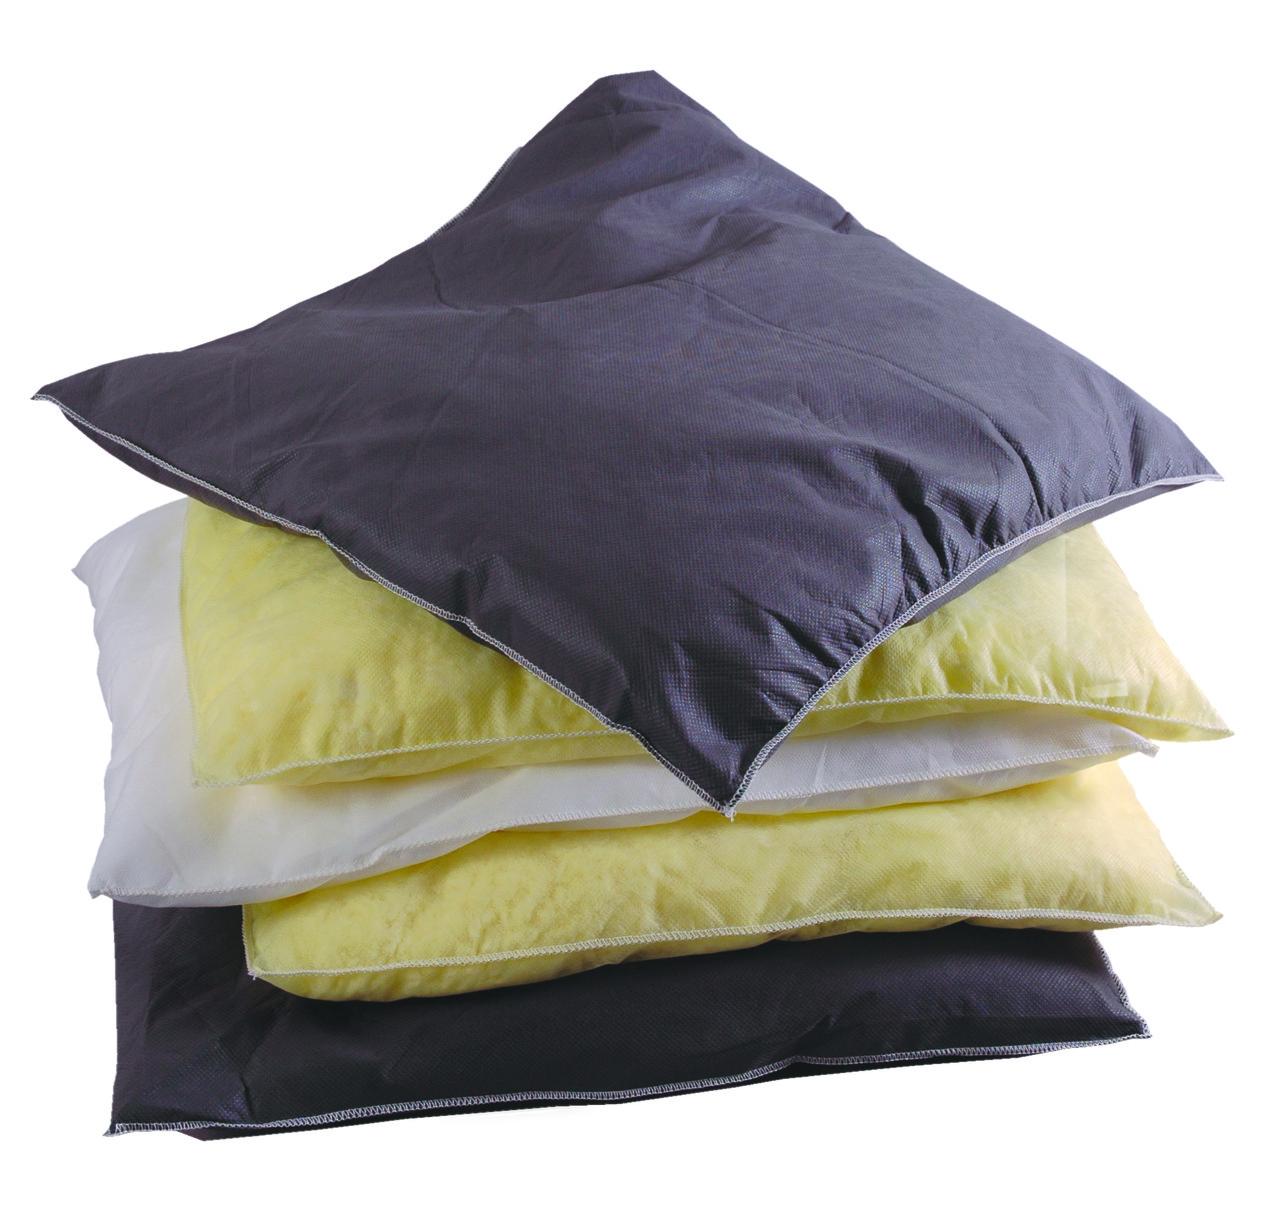 Подушки для поглощения нефтепродуктов, технических и химических жидкостей.